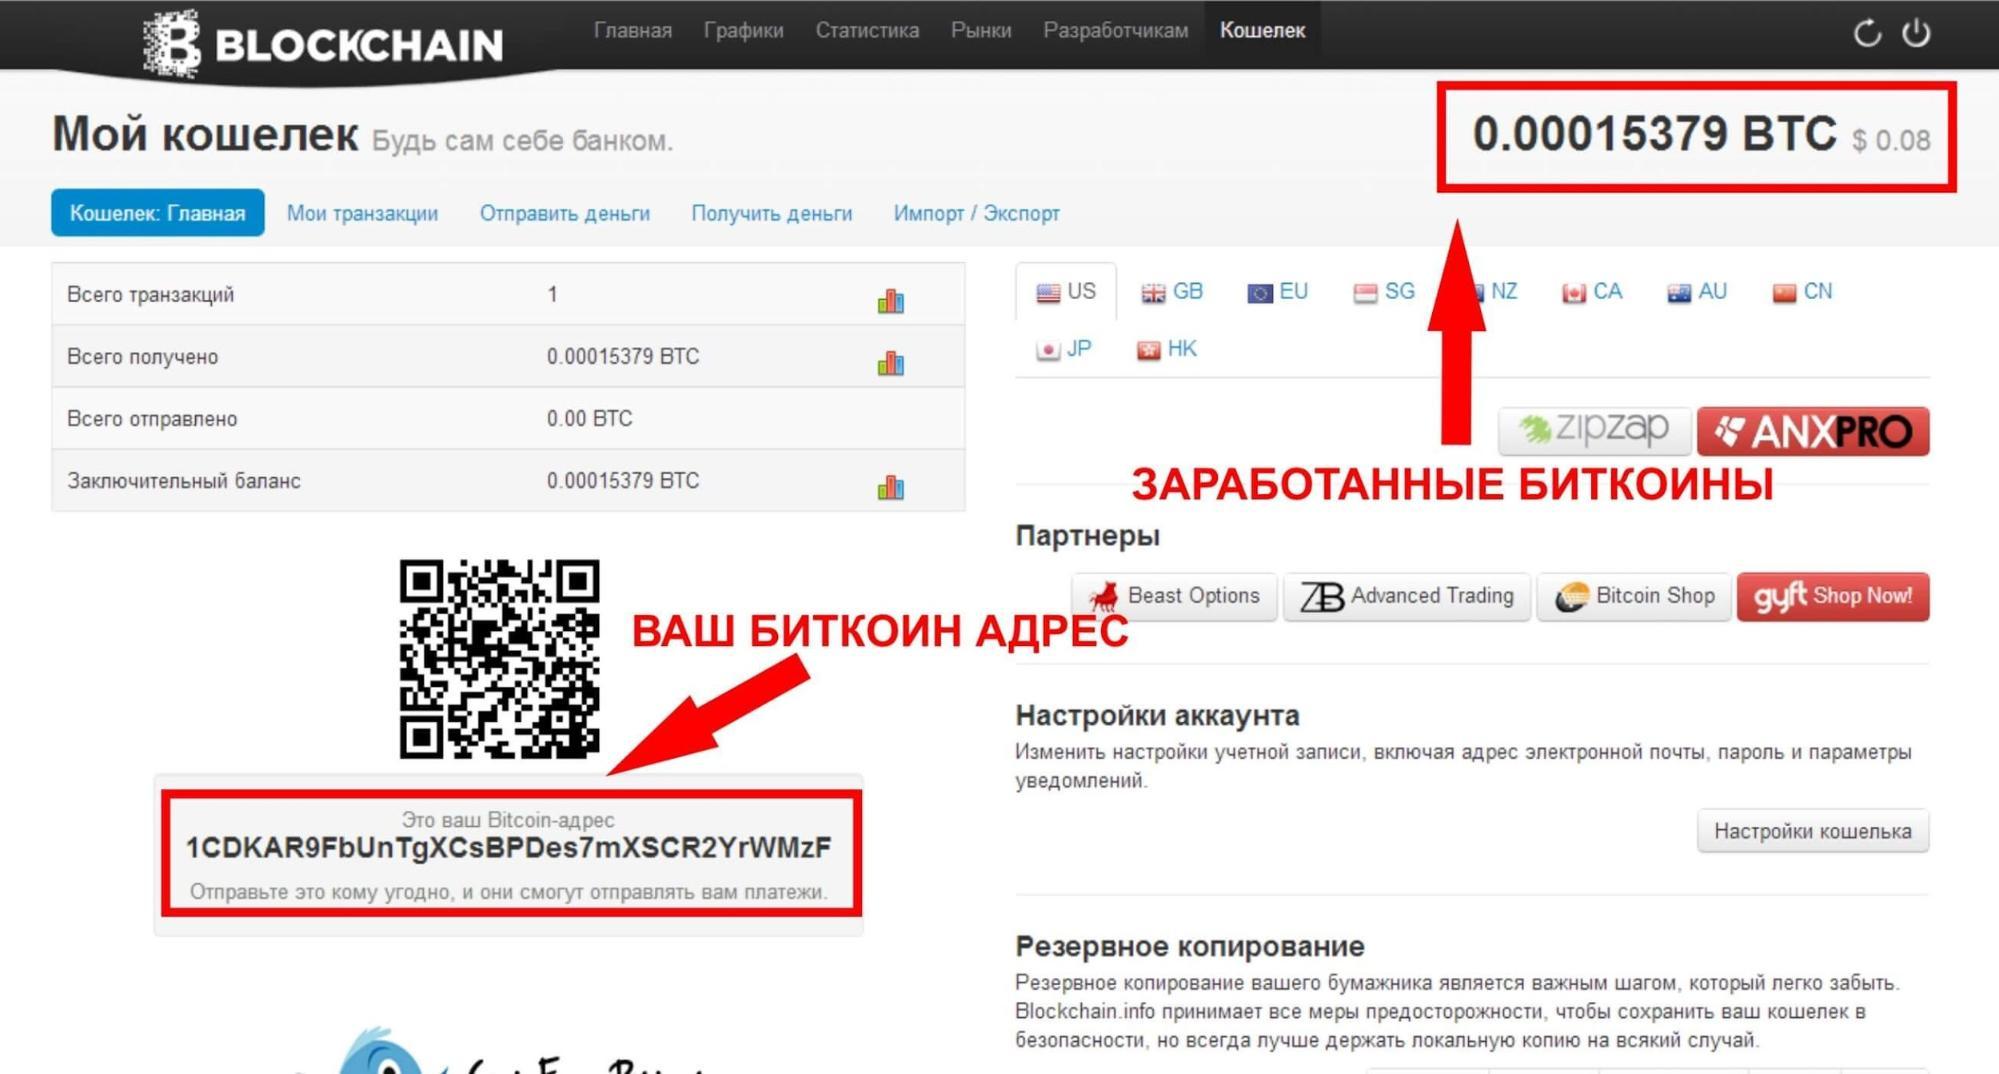 Как проверить биткоин-кошелек: адрес и номер, где посмотреть